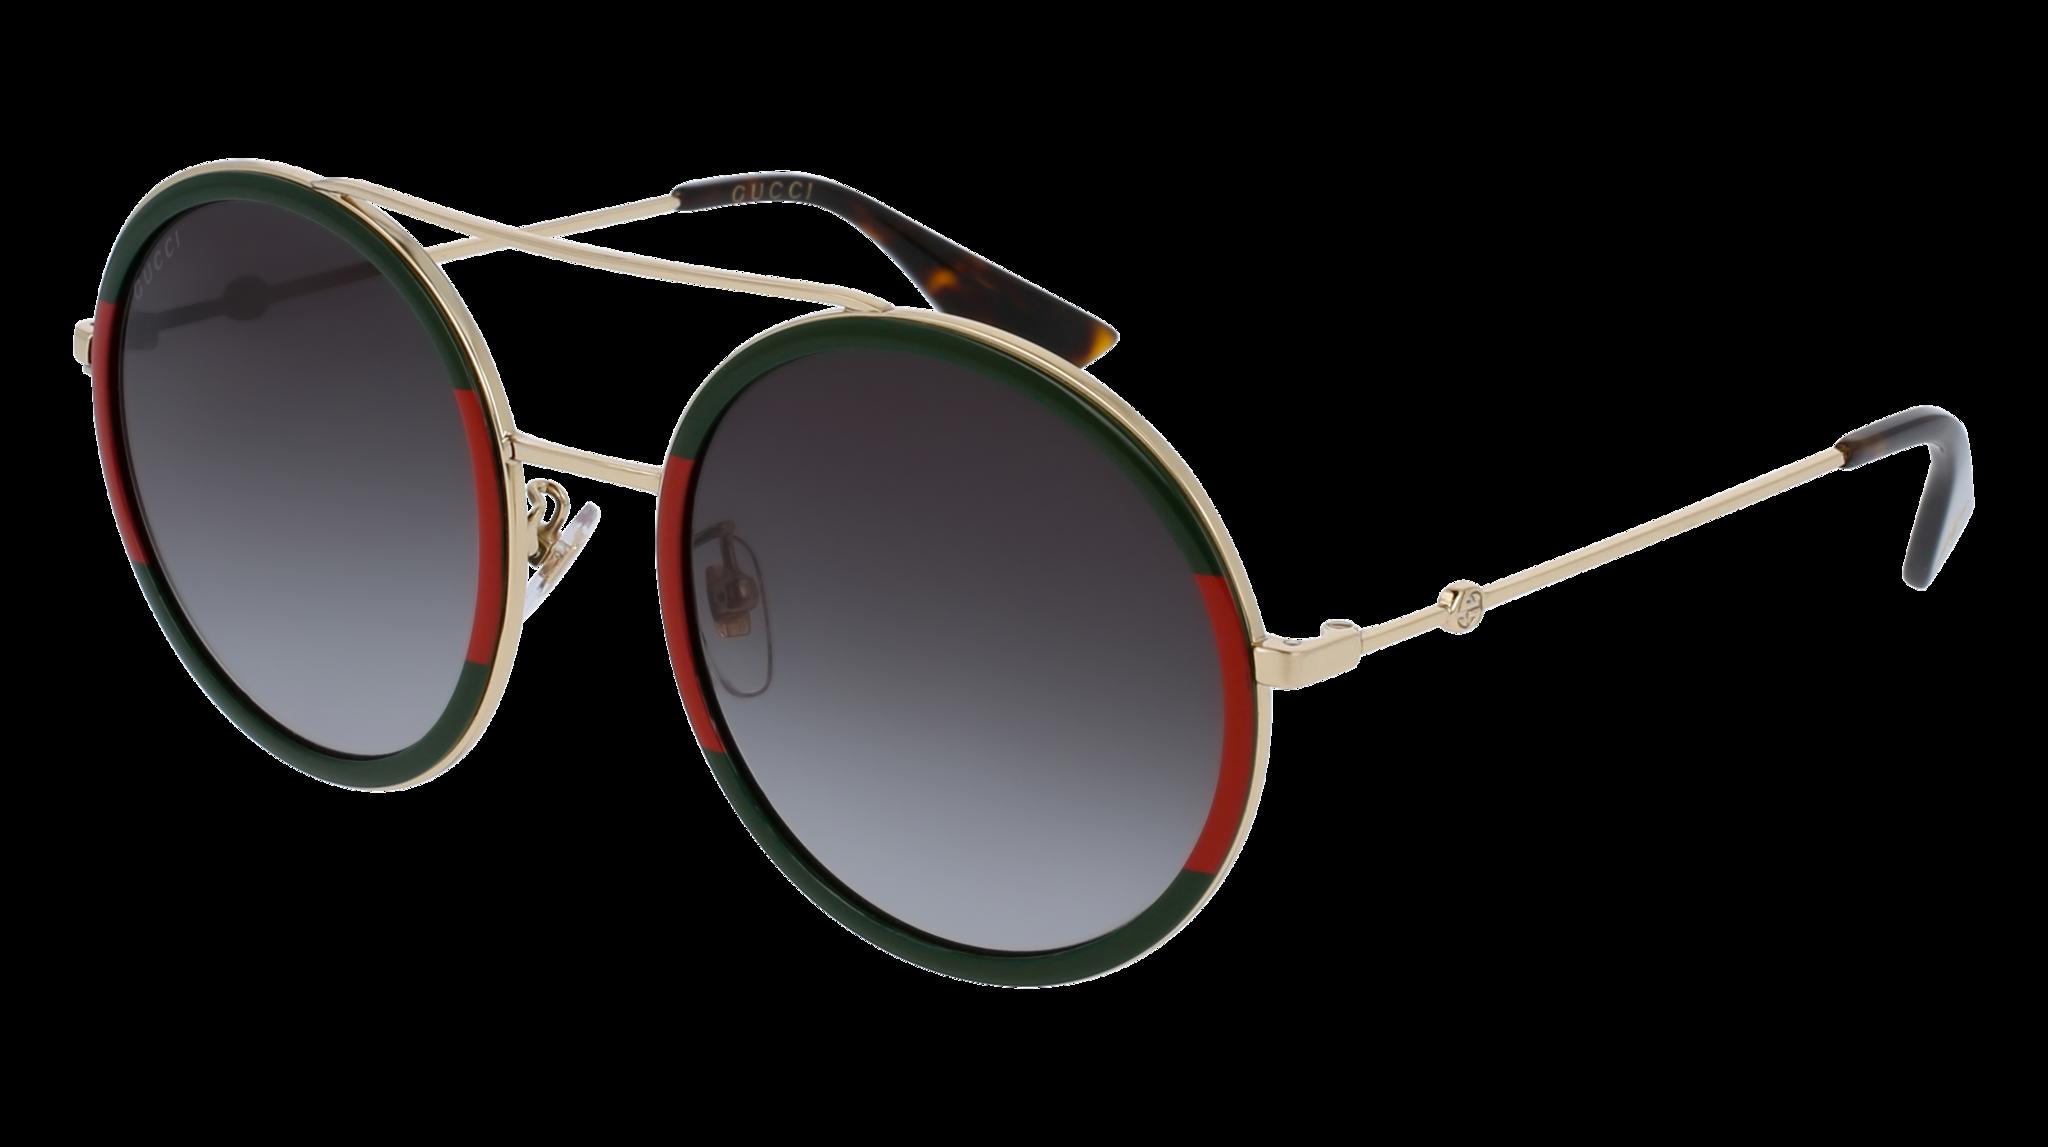 Gucci - GG0061S - 3-1